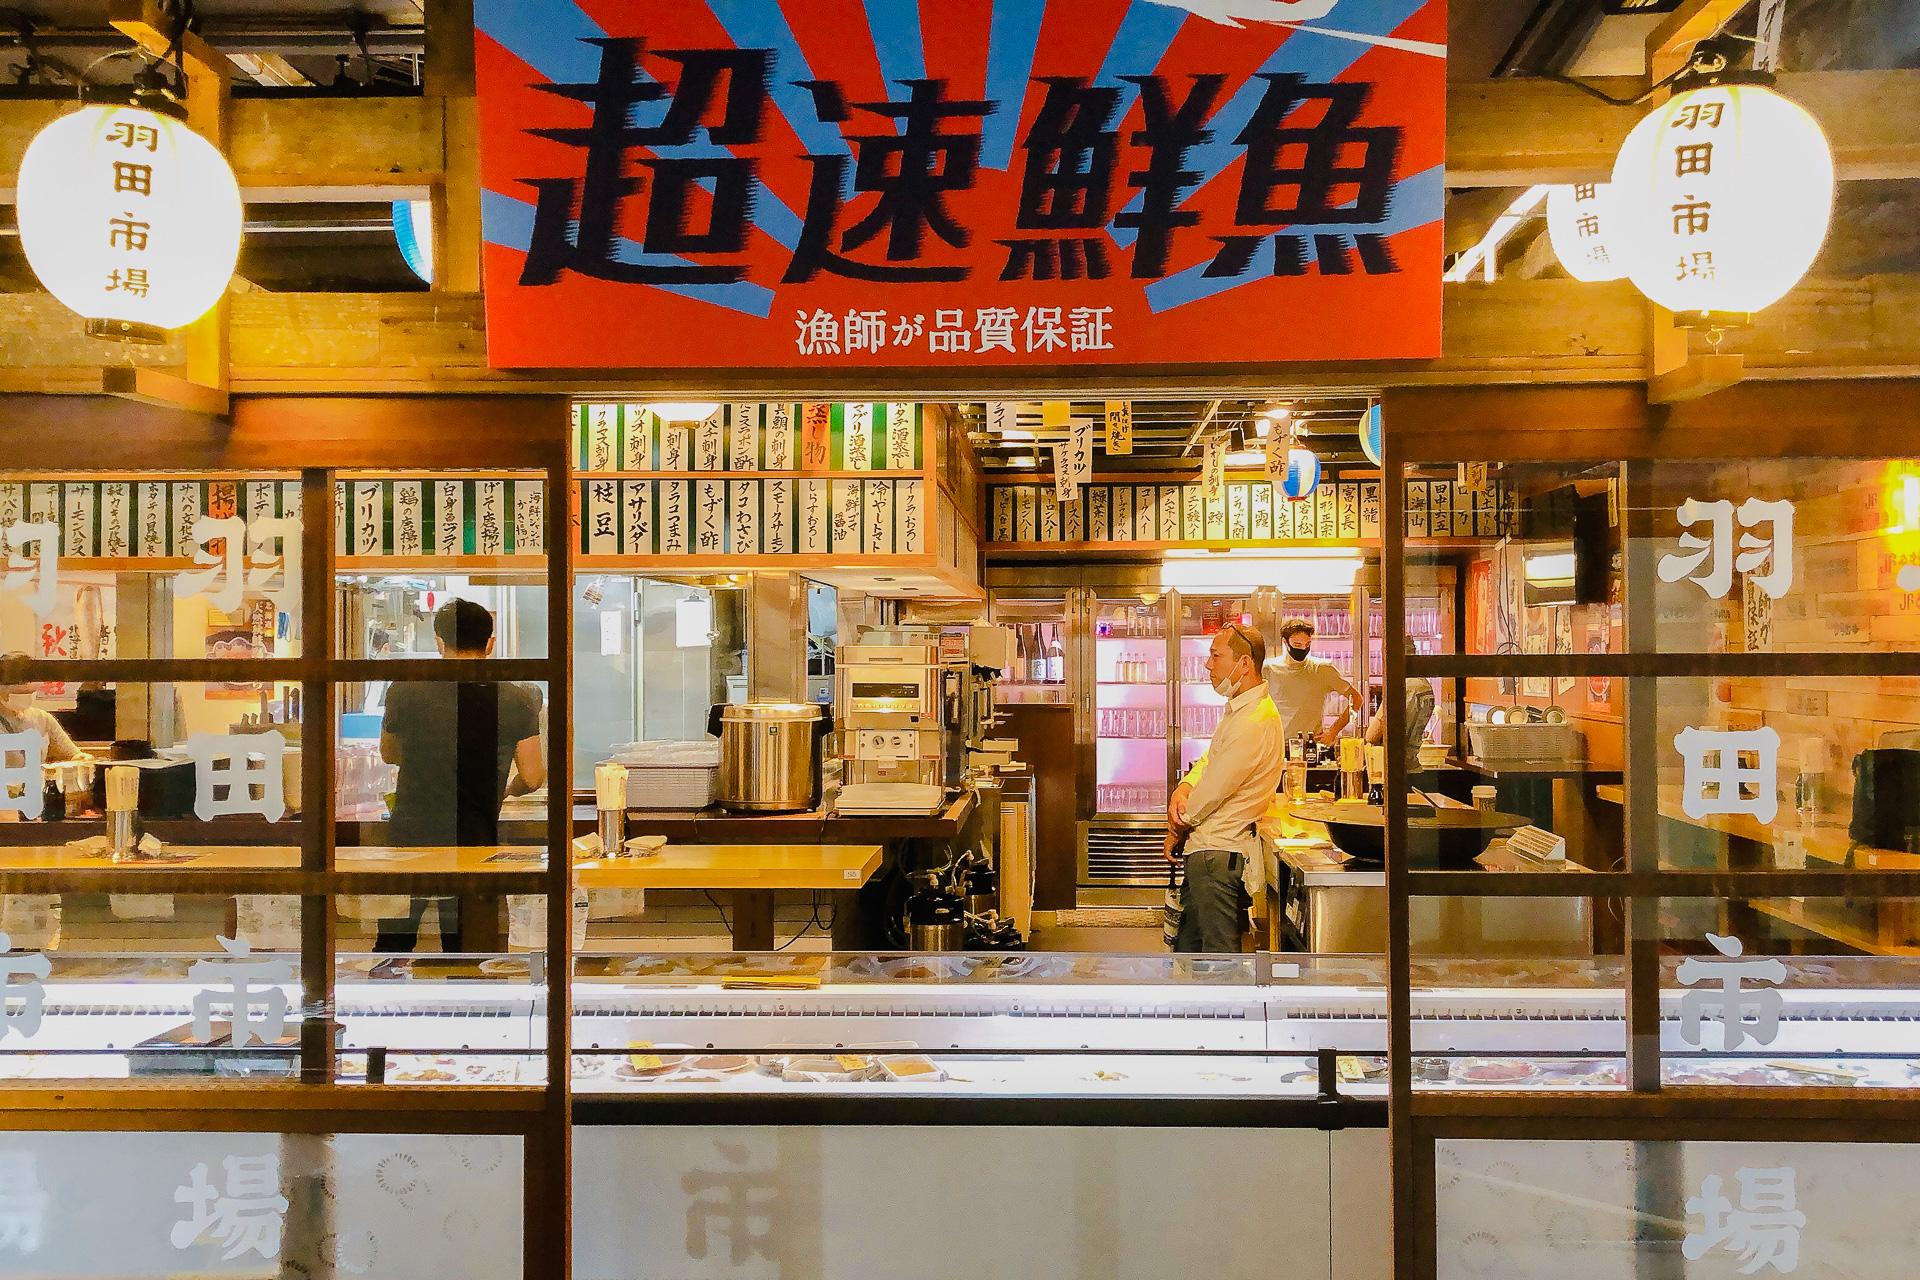 立ち飲み大衆食堂「羽田市場食堂 東京駅店」、東京駅直結の「GranAge ...